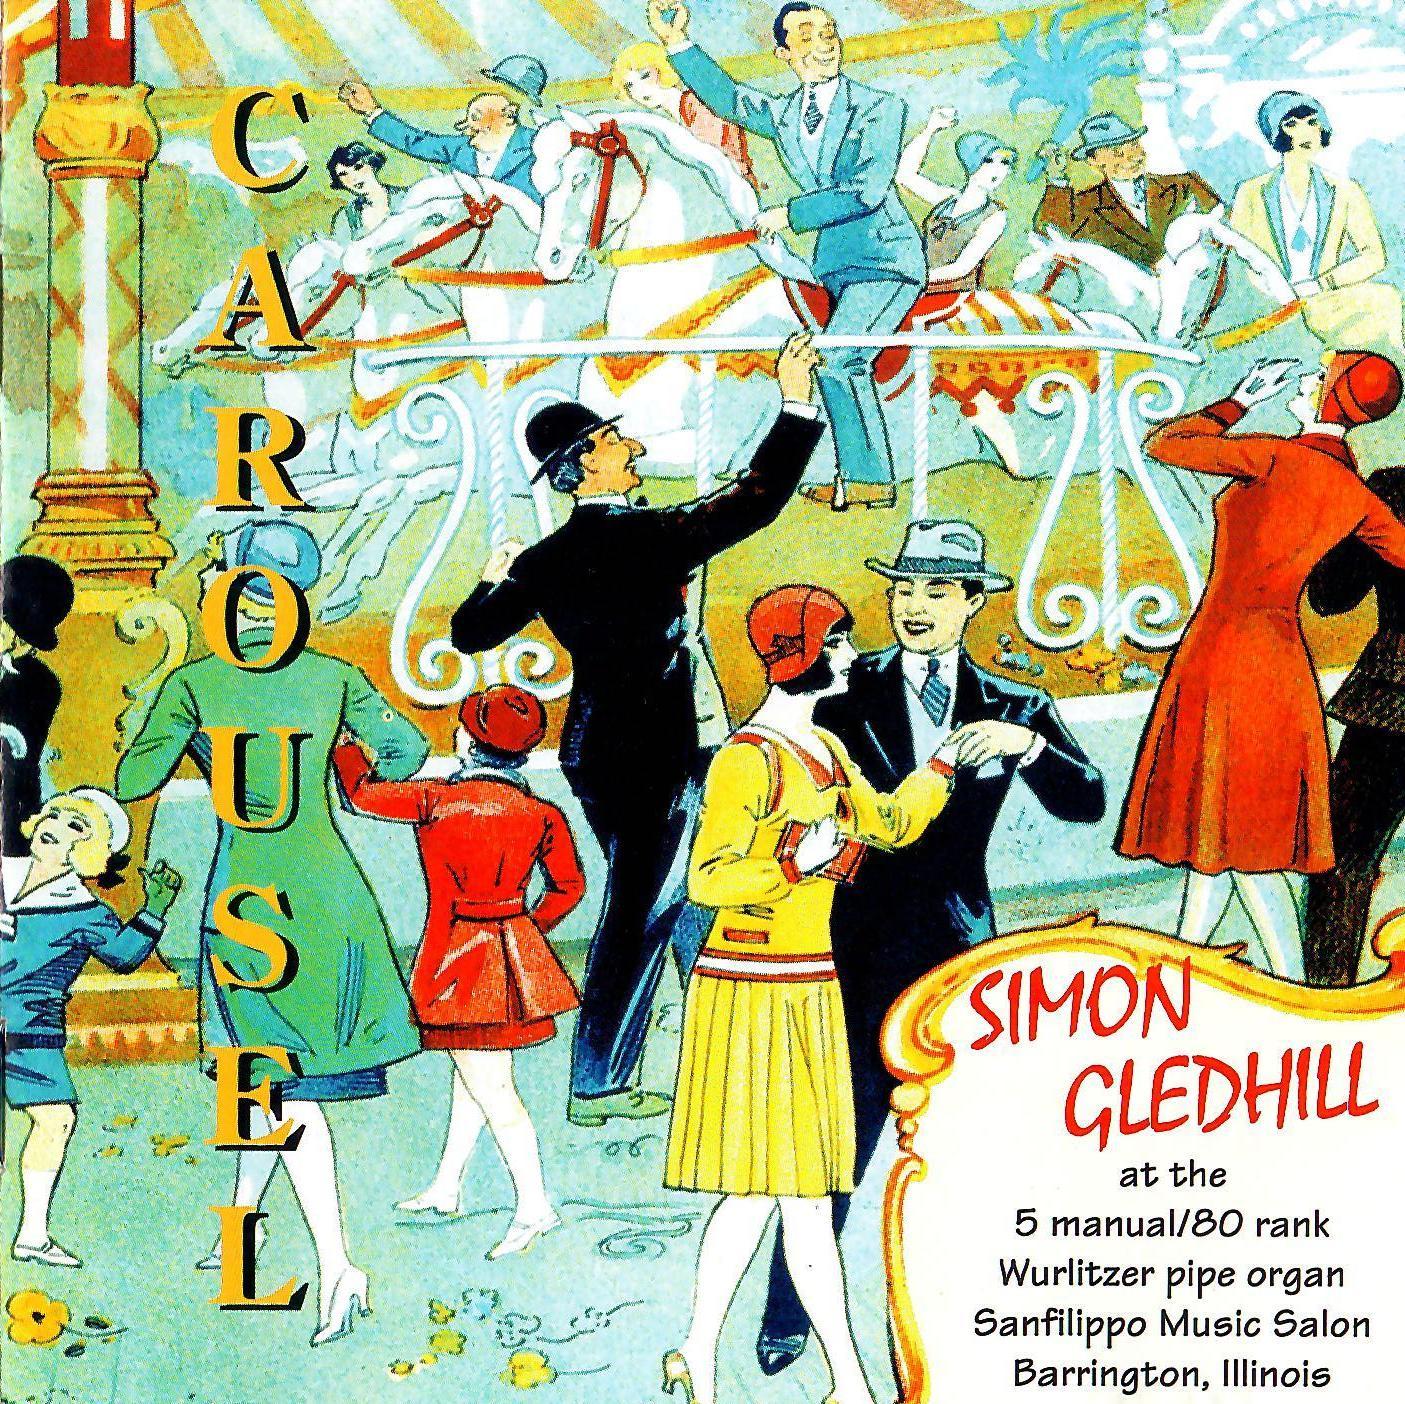 Simon Gledhill - Carousel